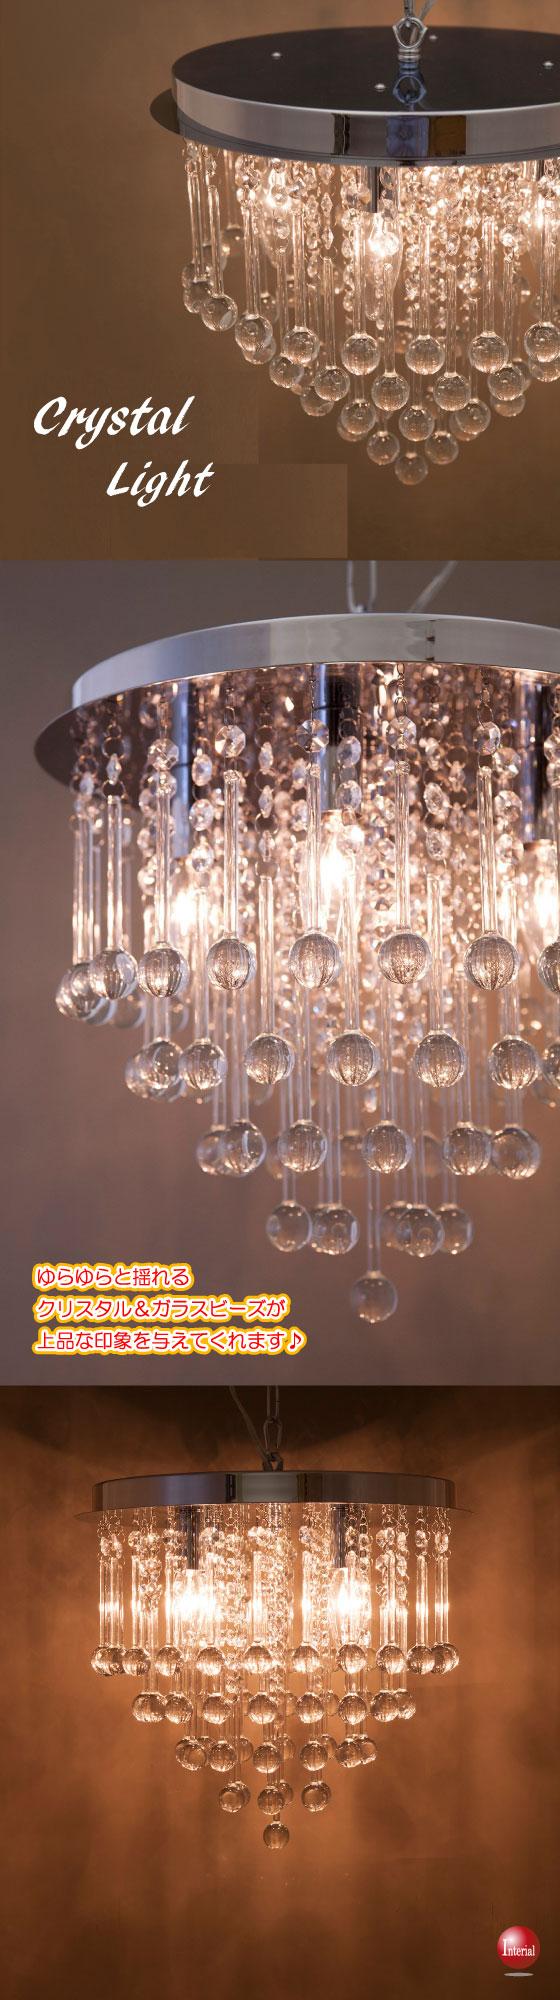 クリスタル&ガラス製・4灯シャンデリア(LED電球対応)